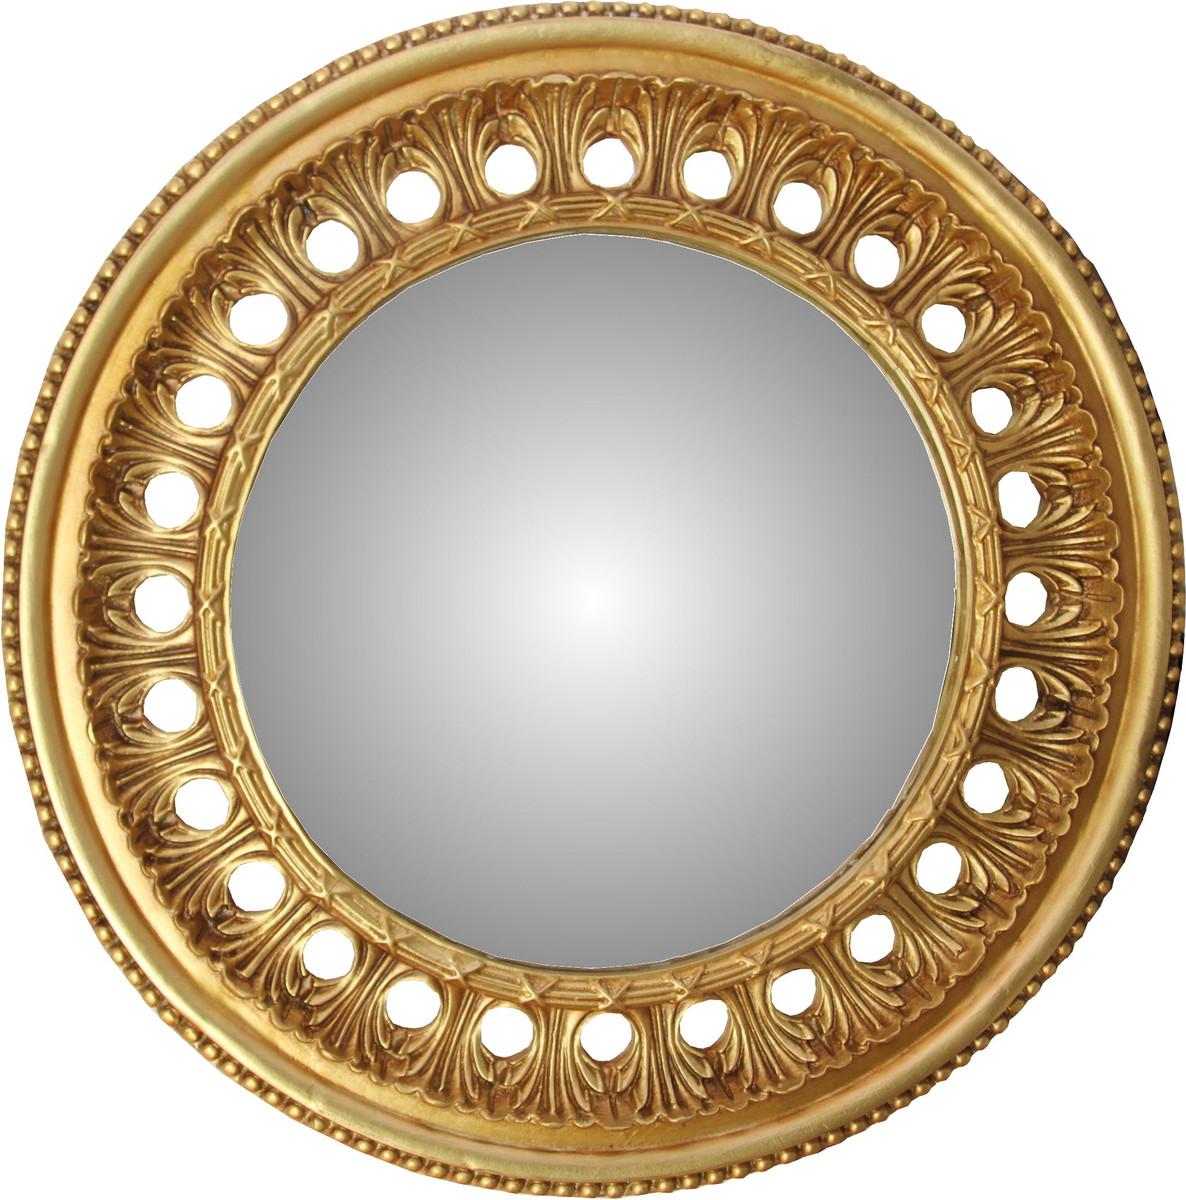 Casa Padrino Barock Wandspiegel Rund Antik Gold Durchmesser Ca 82 Cm